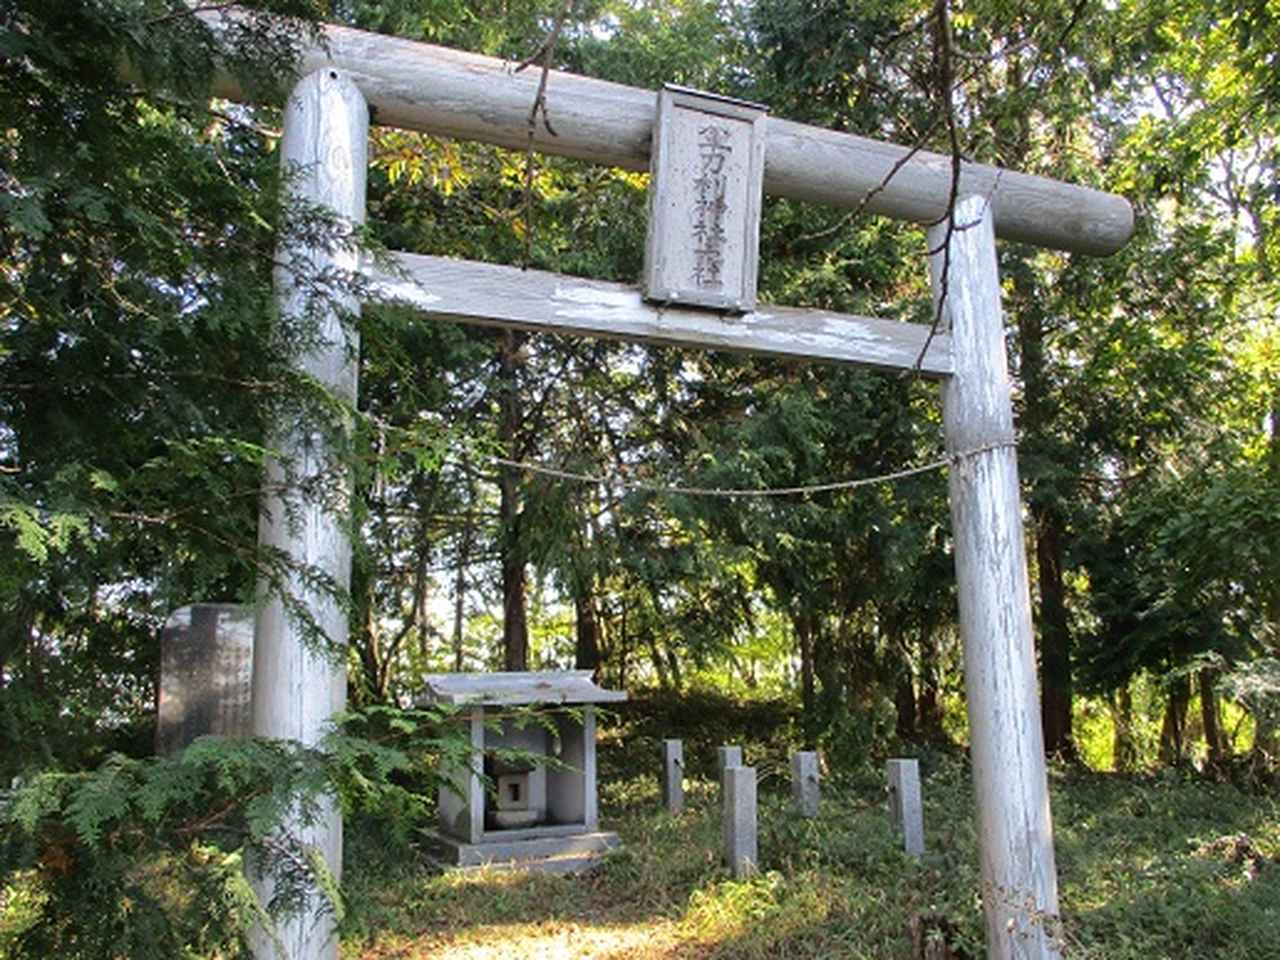 画像7: 【山旅会・登山ガイドこだわりツアー】岡田ガイドからの便り・浅間峠から生藤山ツアーの下見にいってまいりました!